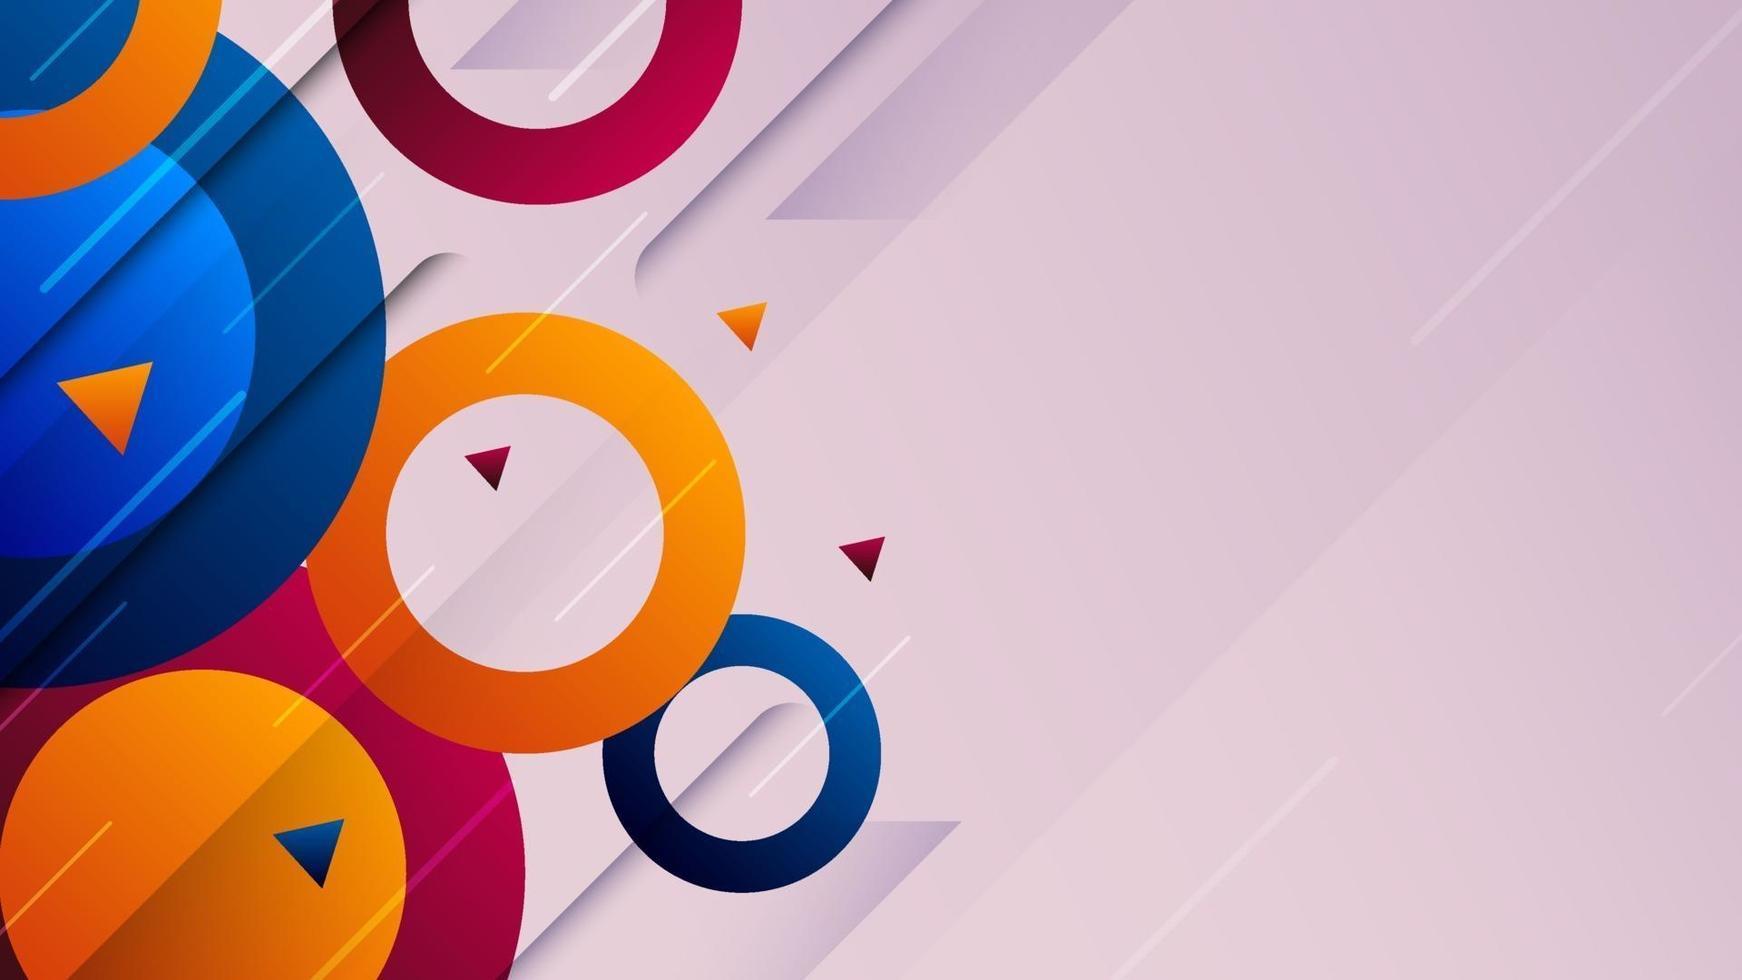 abstracte kleurrijke geometrische vormenachtergrond. dynamisch trendy bannerontwerp. vector